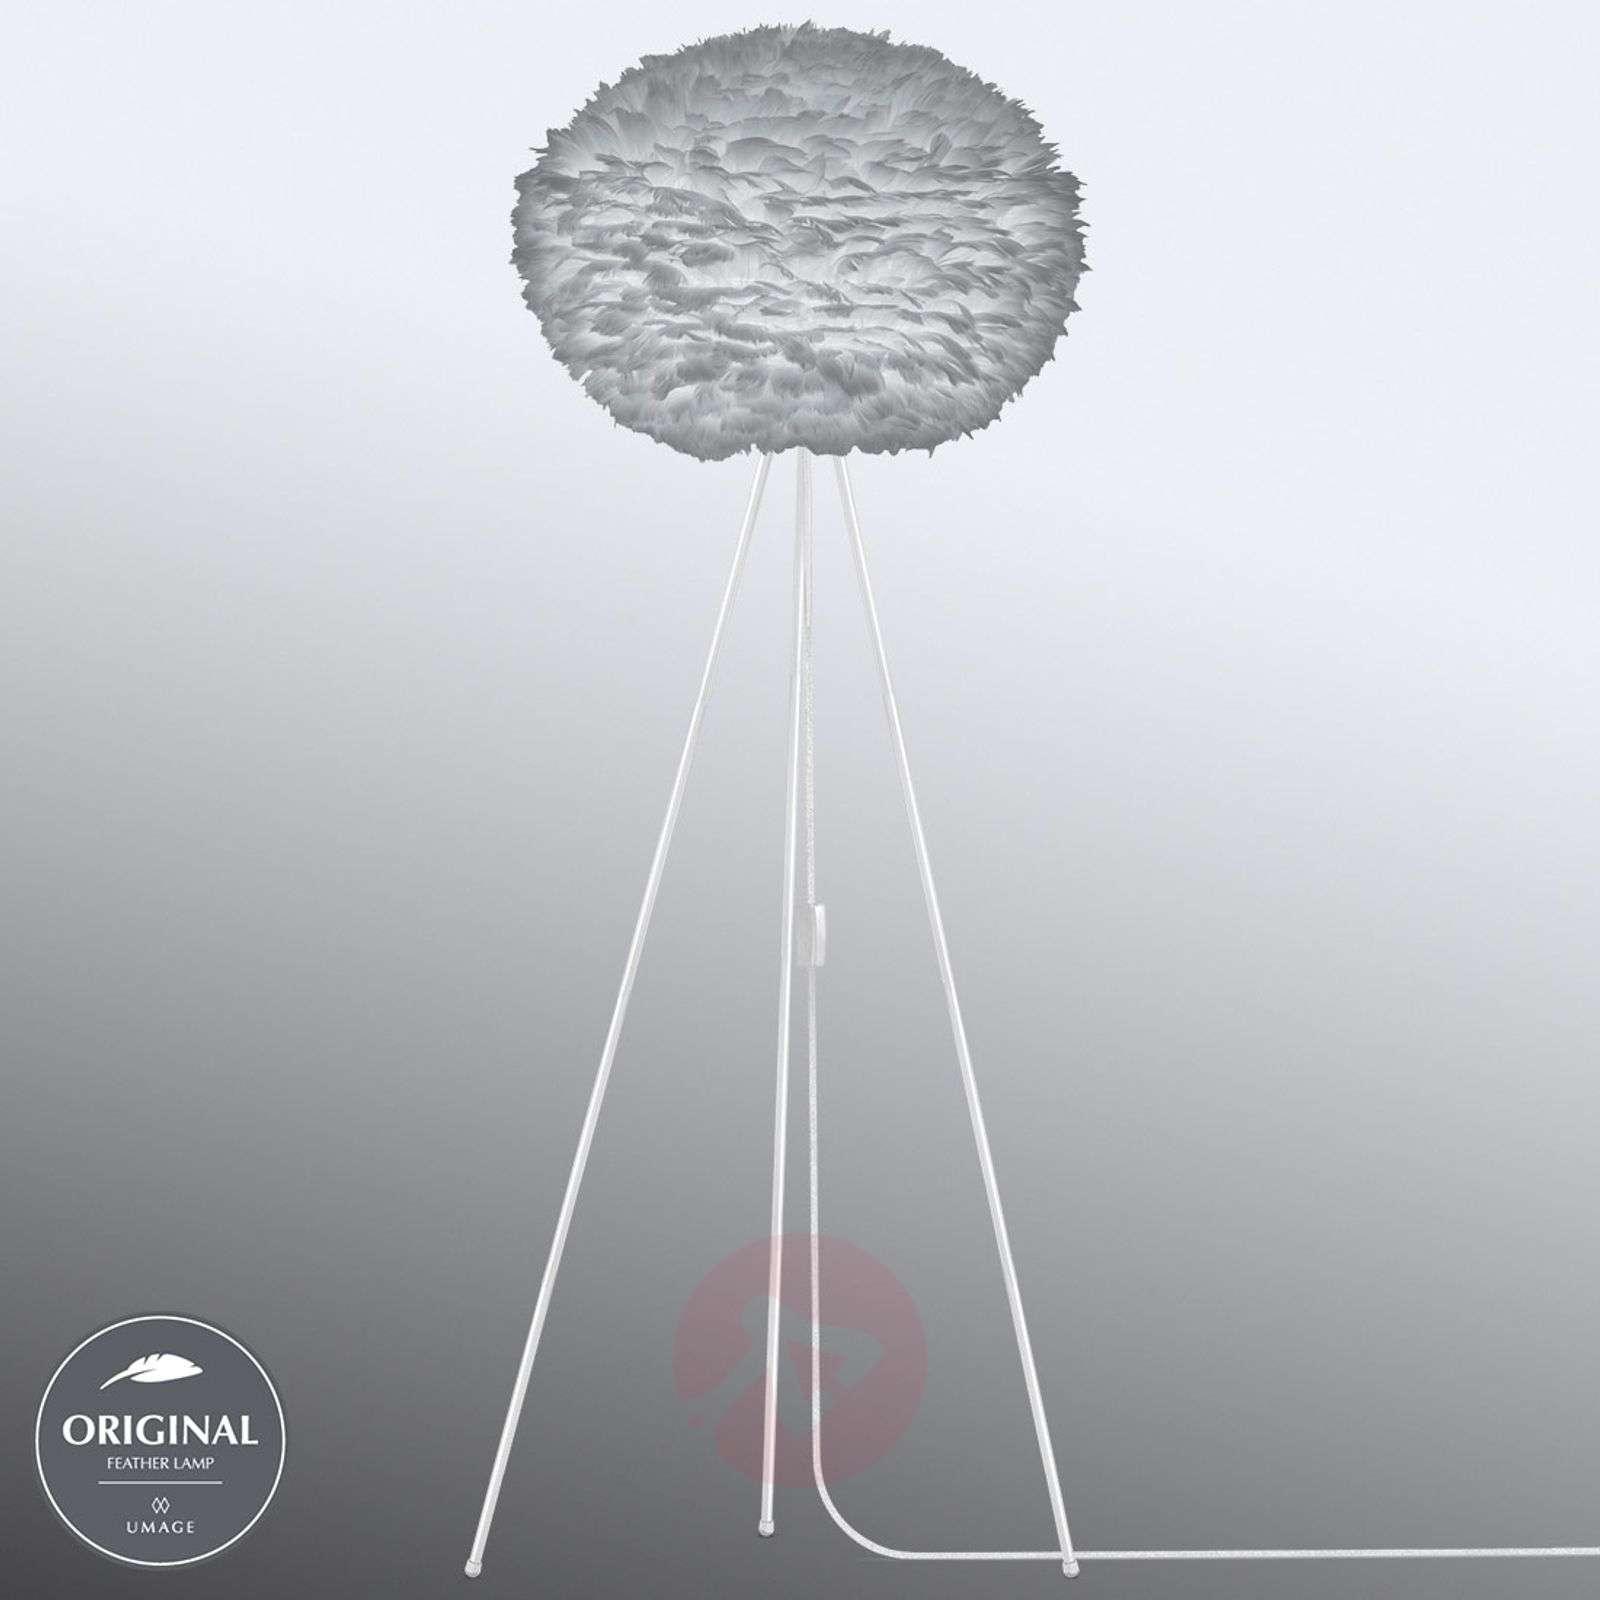 Lattiavalaisin Eos large, 3-jalkainen runko harmaa-9521128-01